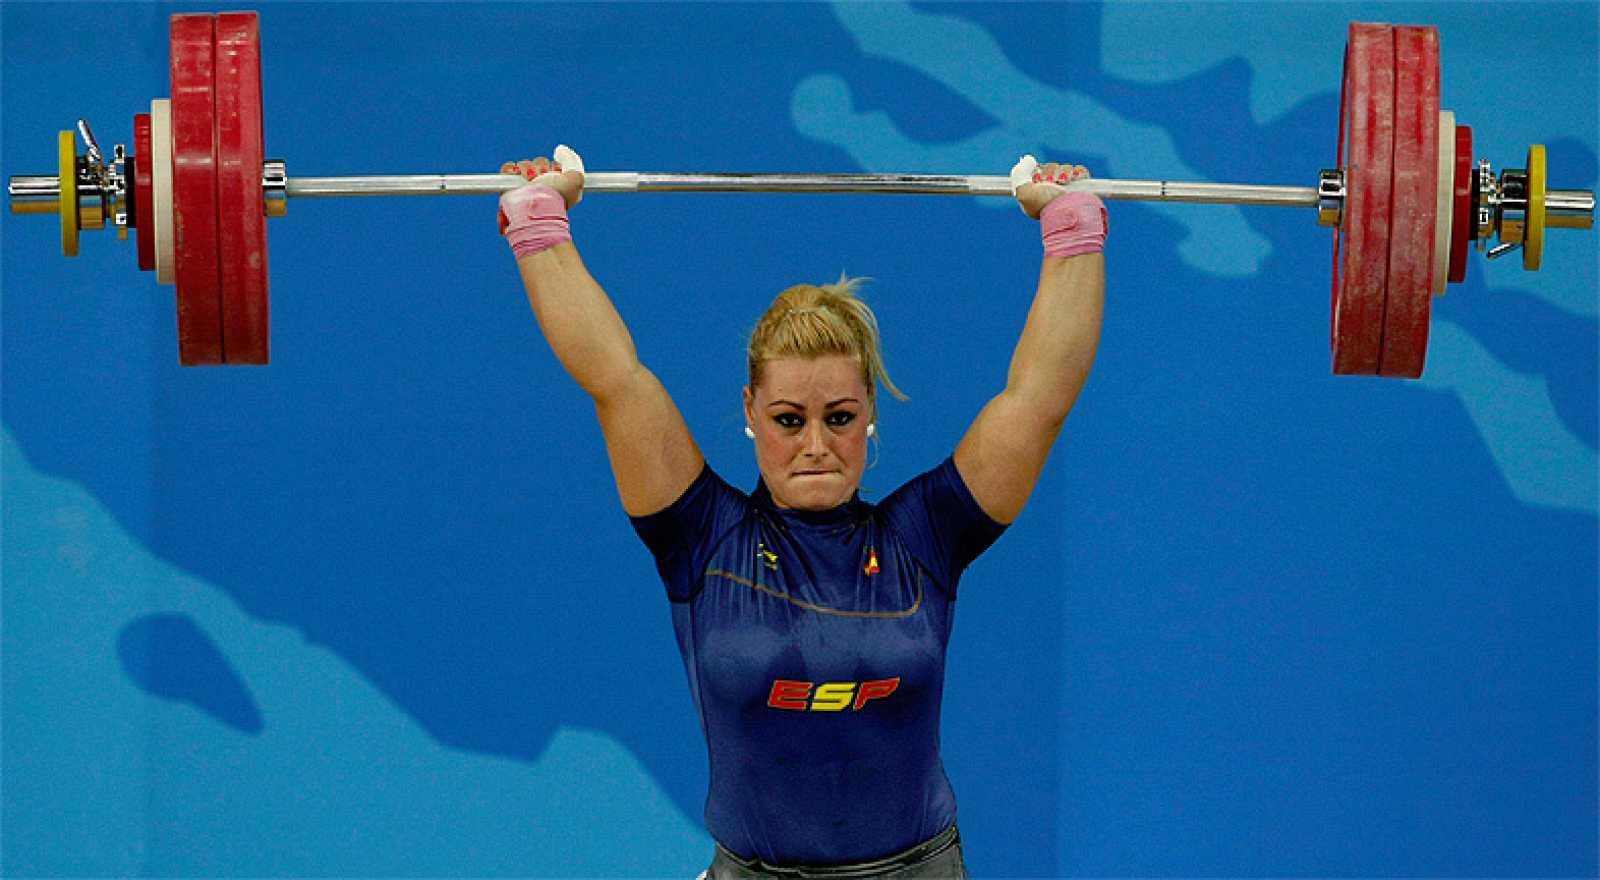 El equipo español de haleterofília buscará en el Europeo sus plazas en los Juegos Olímpicos de Londres. Lydia Valentín, diploma olímpico en Pekín 2008, es la principal baza nacional.